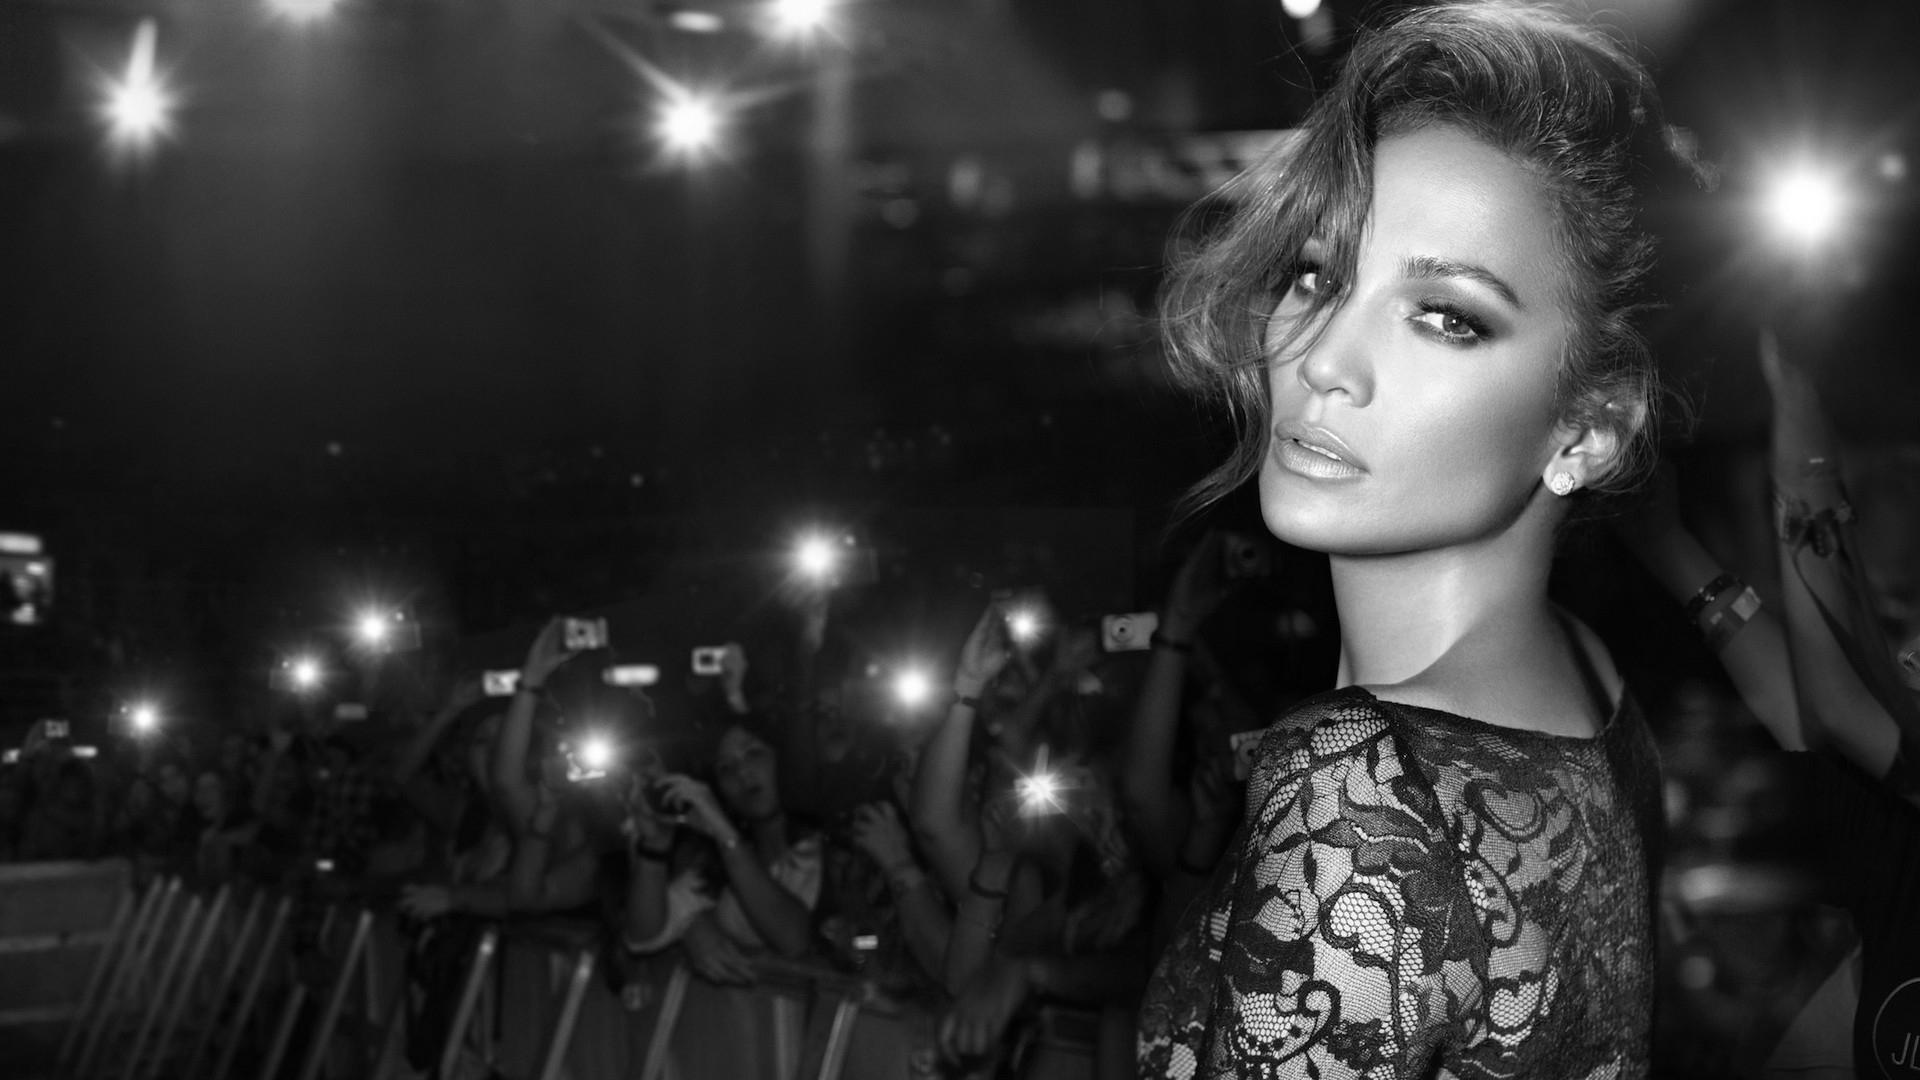 Jennifer Lopez Monochrome Hd Celebrities 4k Wallpapers